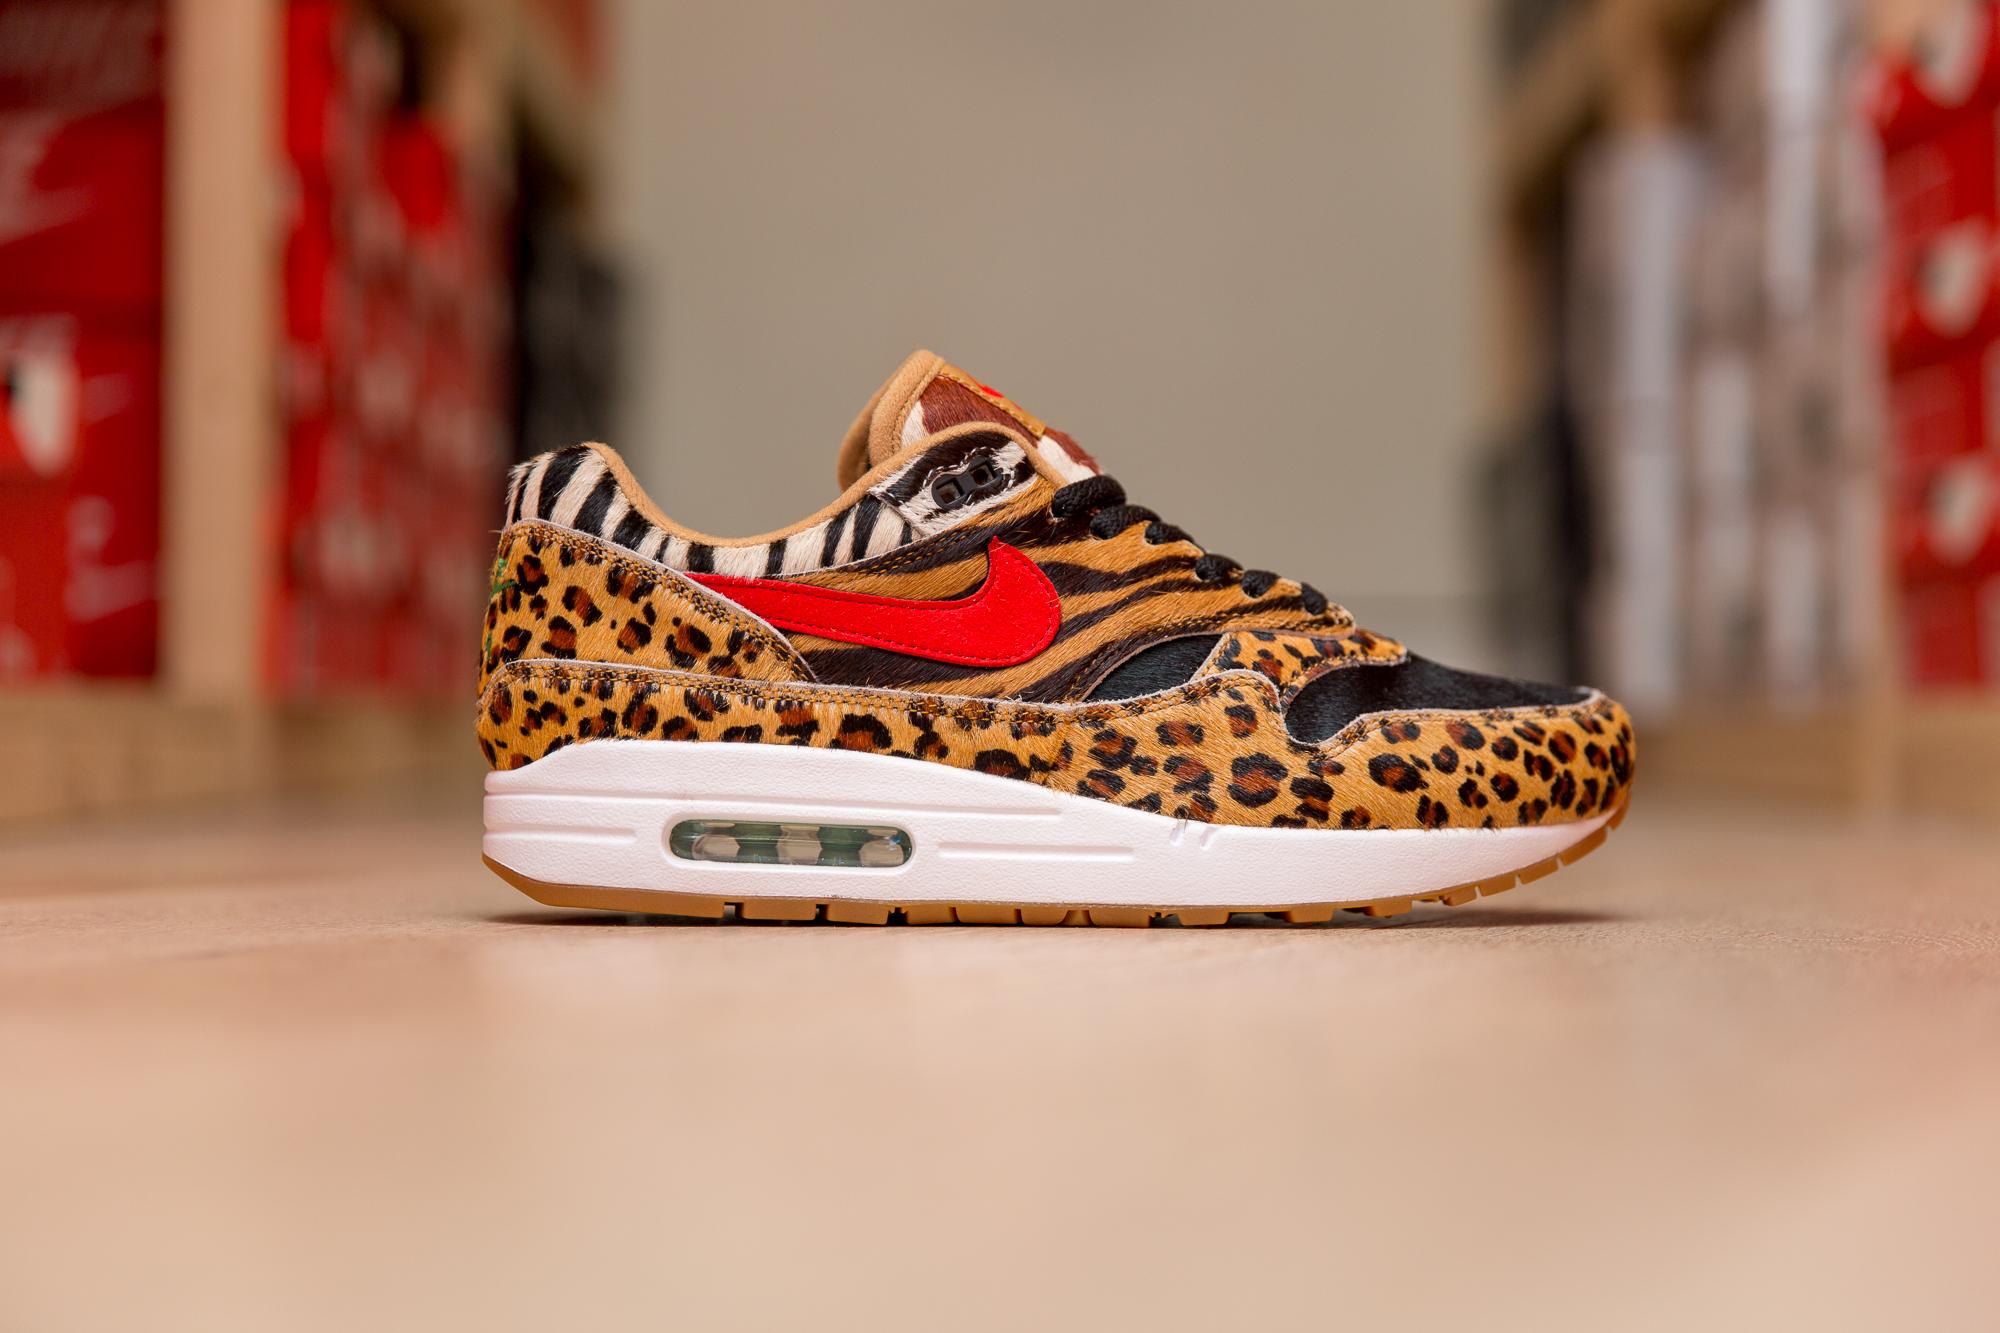 Atmos x Nike Air Max 1 'Beast'